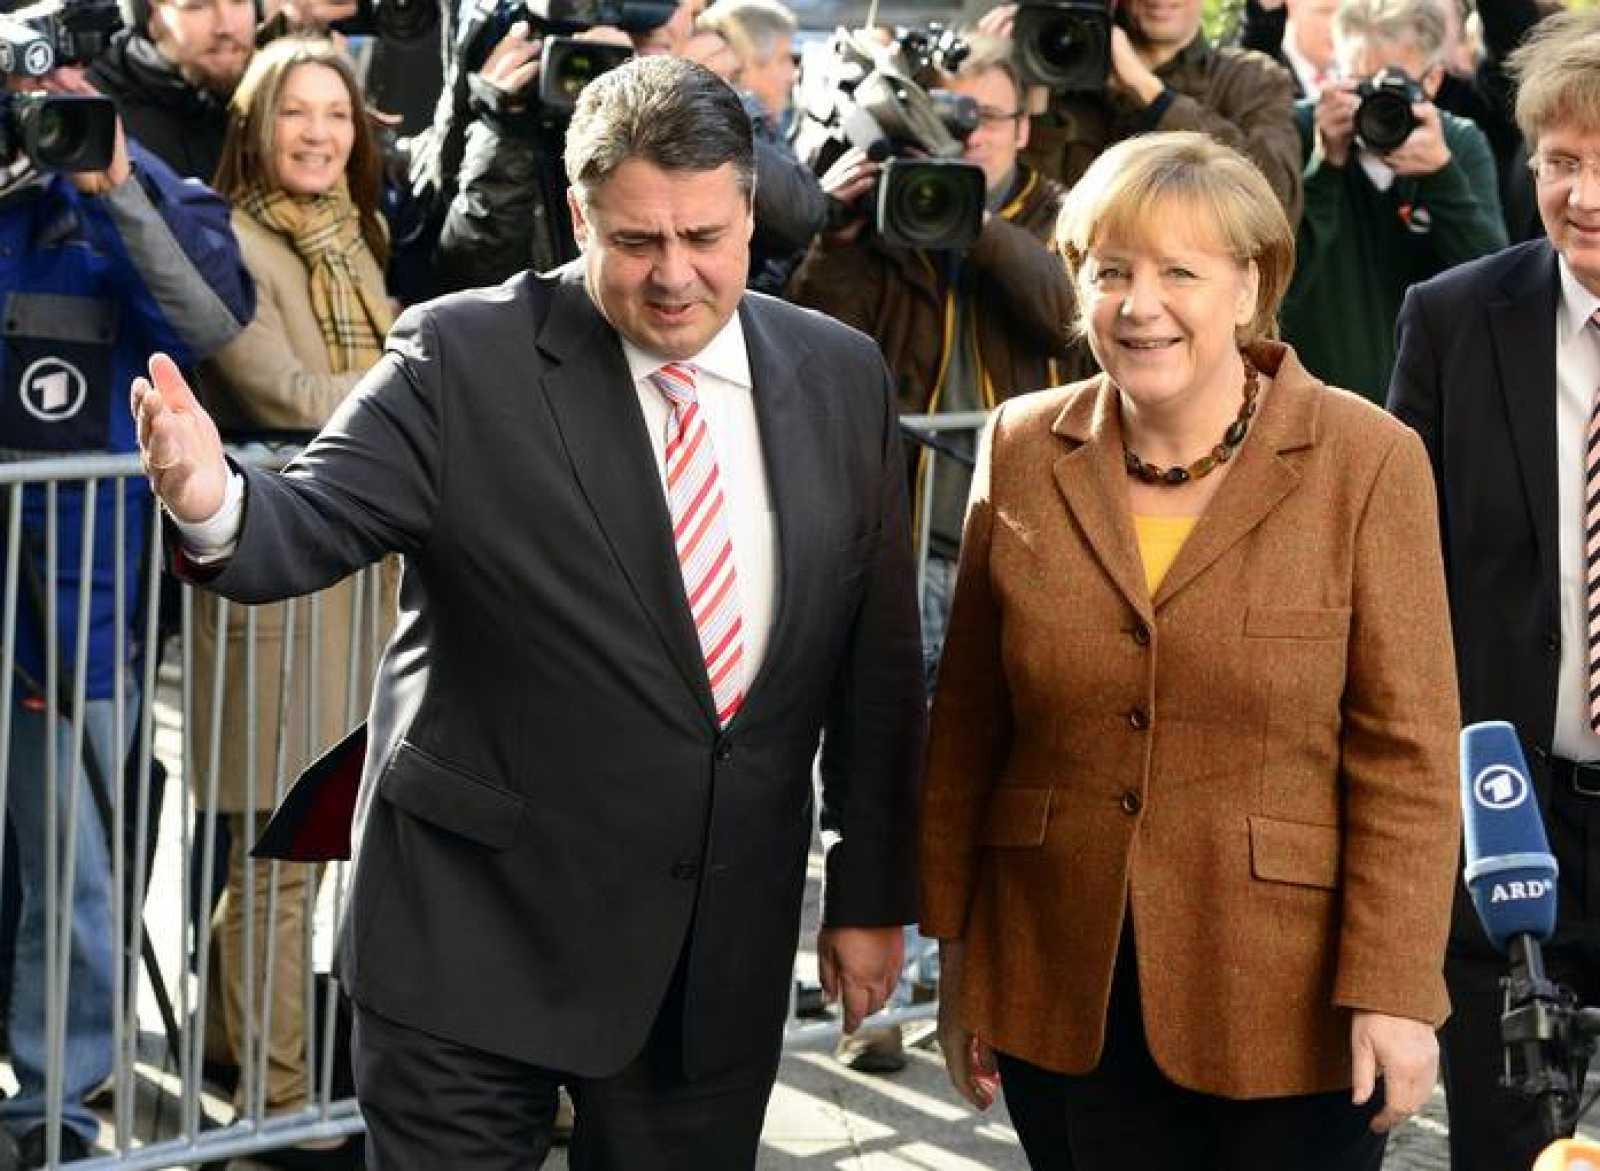 La canciller alemana Angela Merkel y el líder del SPD, Sigmar Gabriel, en una imagen del pasado 30 de octubre